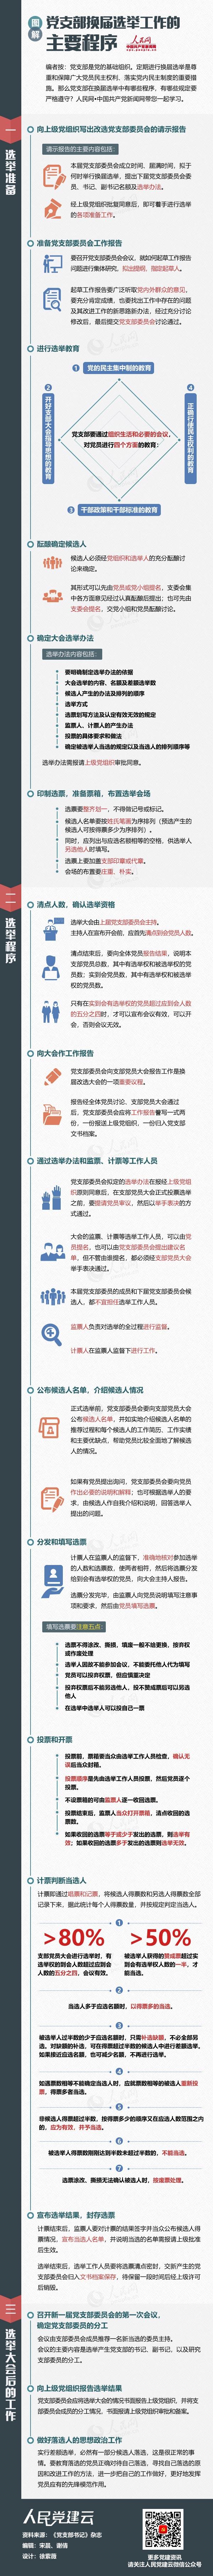 图解:党支部换届选举工作的主要程序